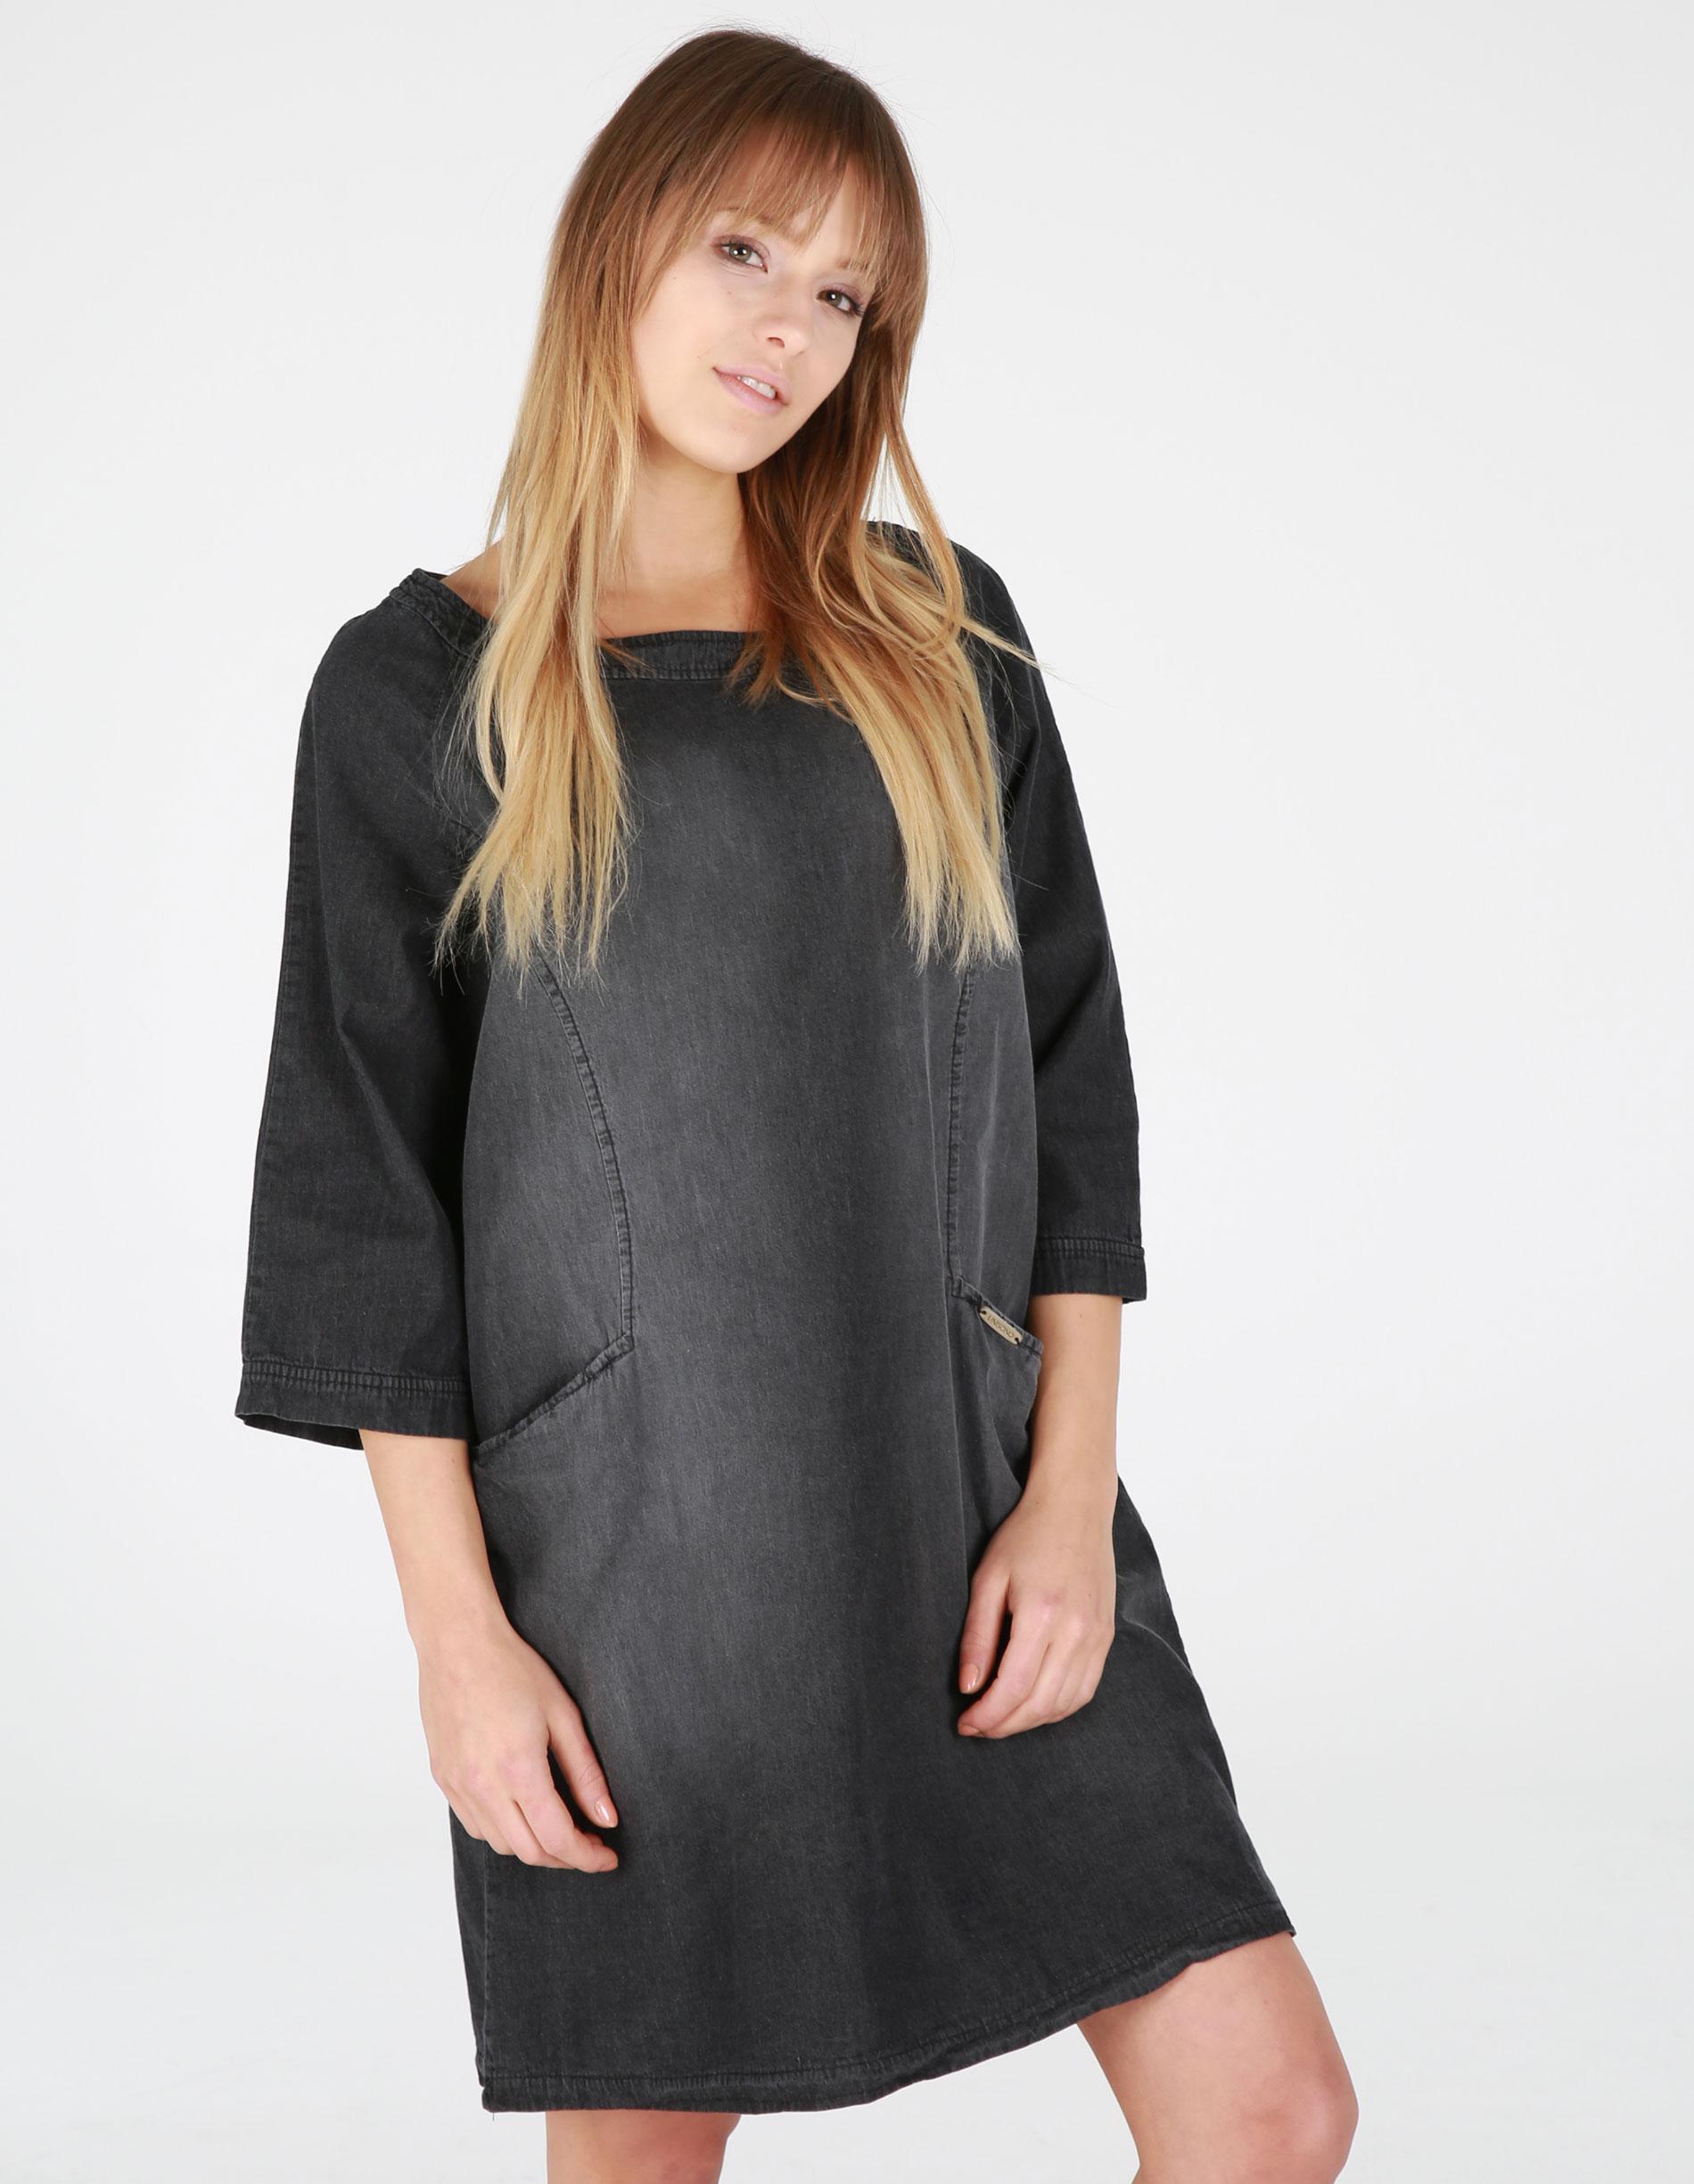 Sukienka - 77-8237 NERO - Unisono